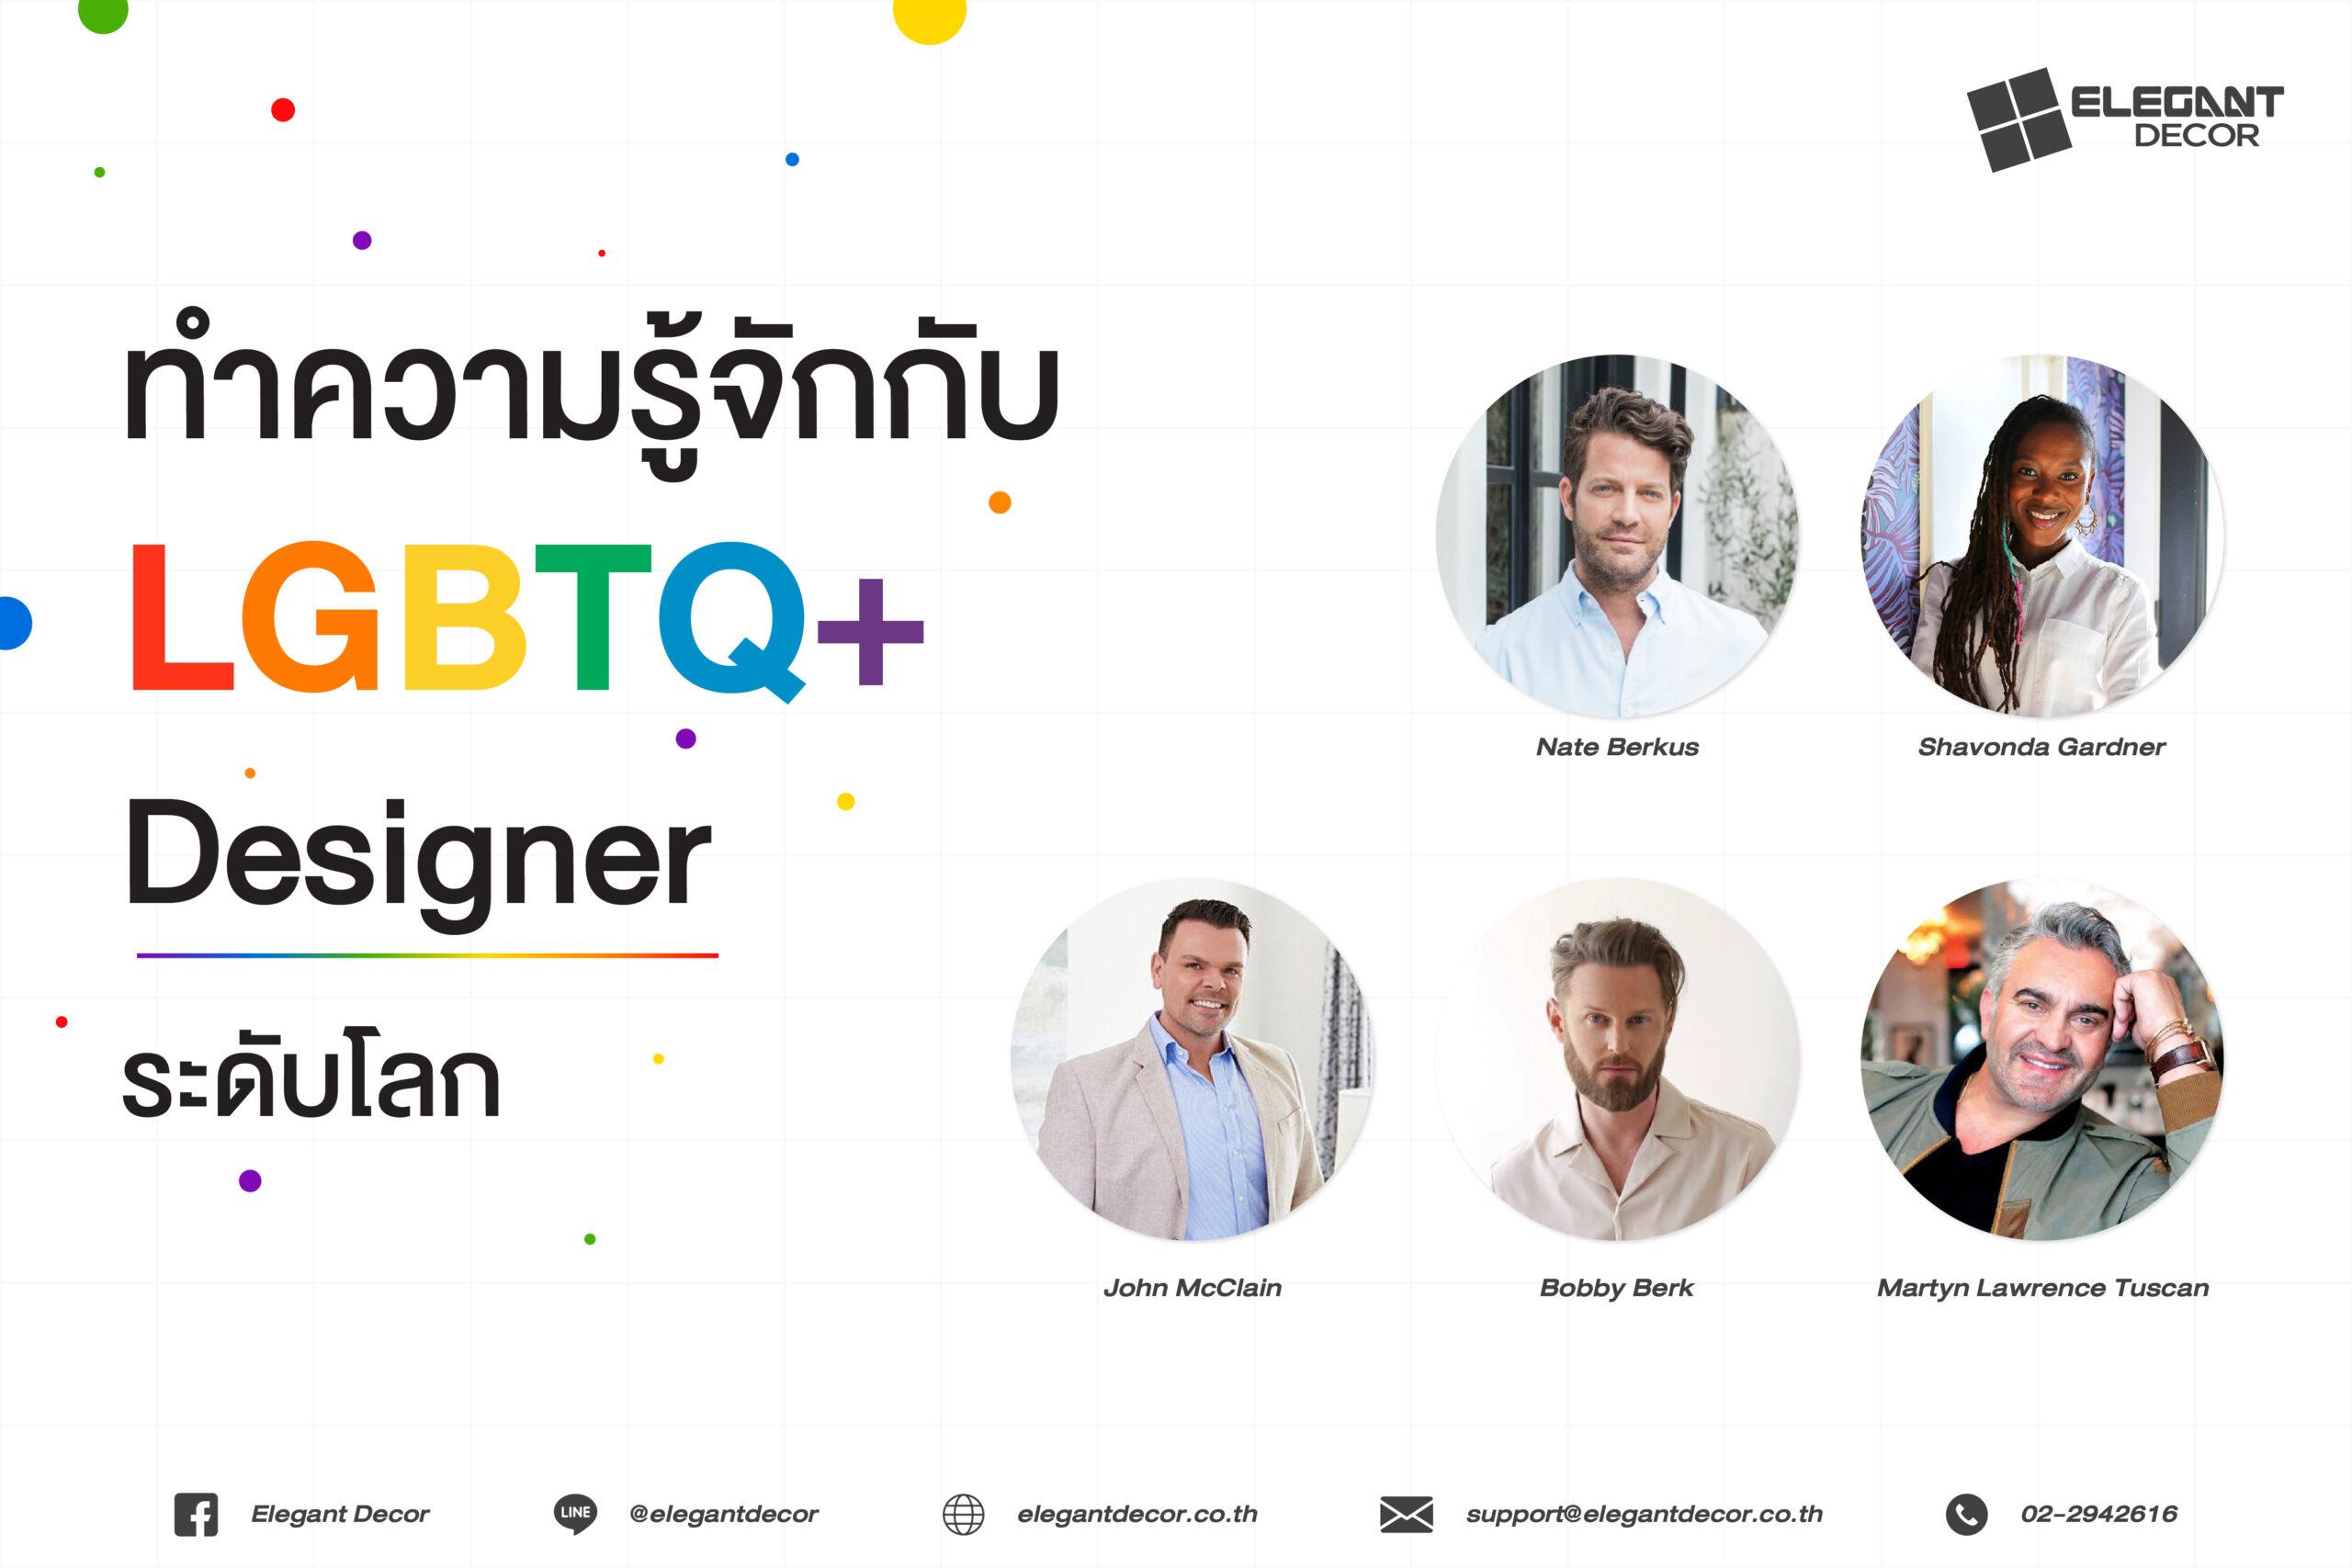 ฉลอง Pride Month ด้วยการไปทำความรู้จักดีไซเนอร์ LGBTQ ระดับโลก